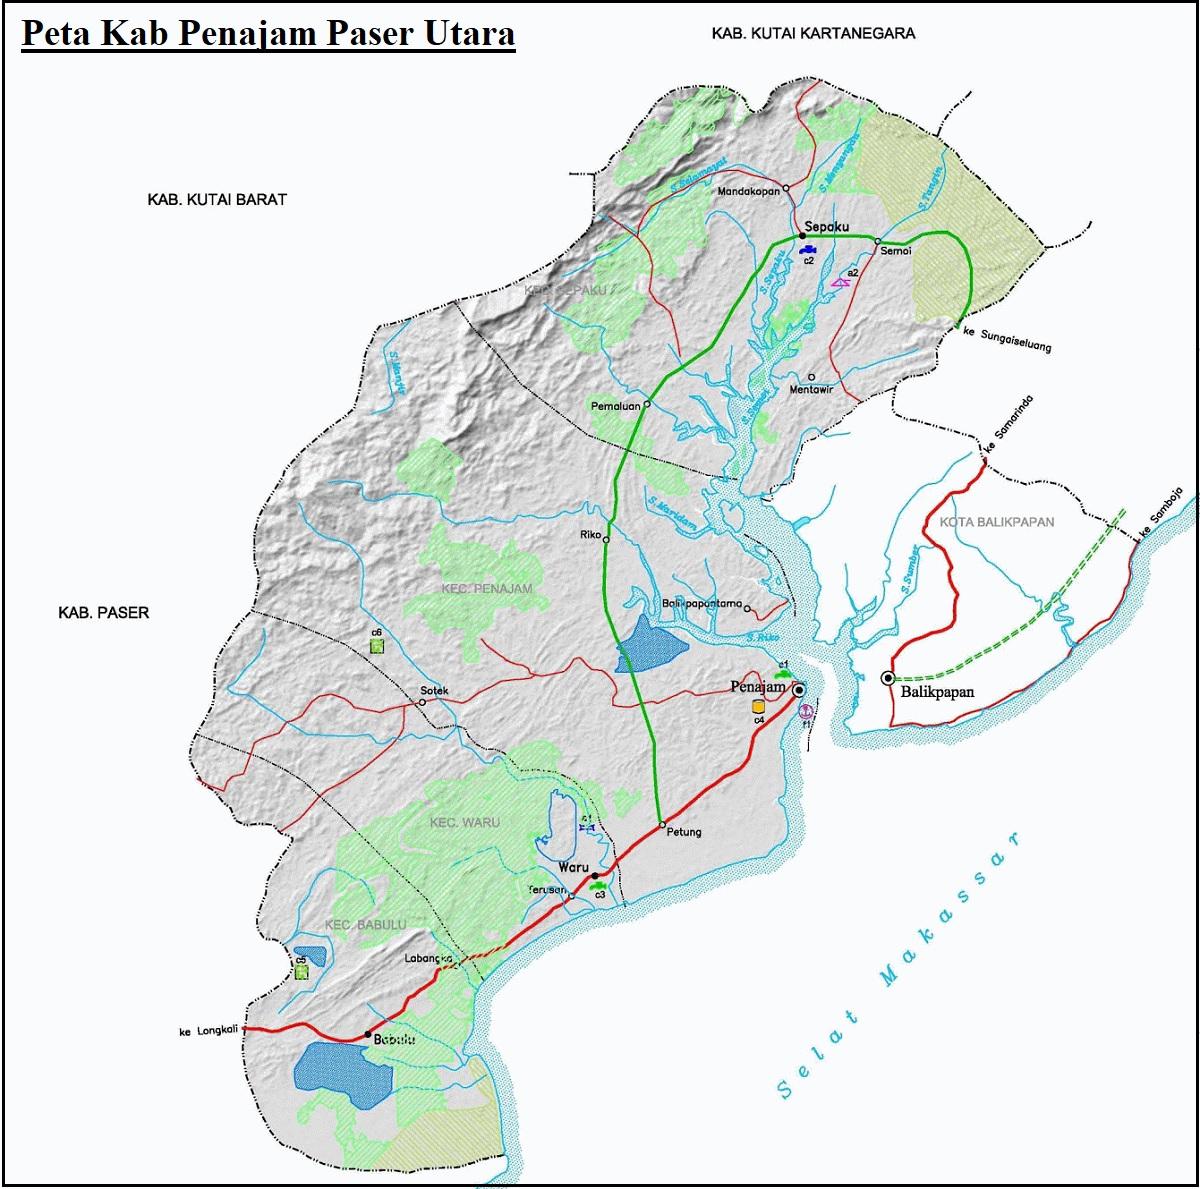 Peta Kabupaten Penajam Paser Utara HD